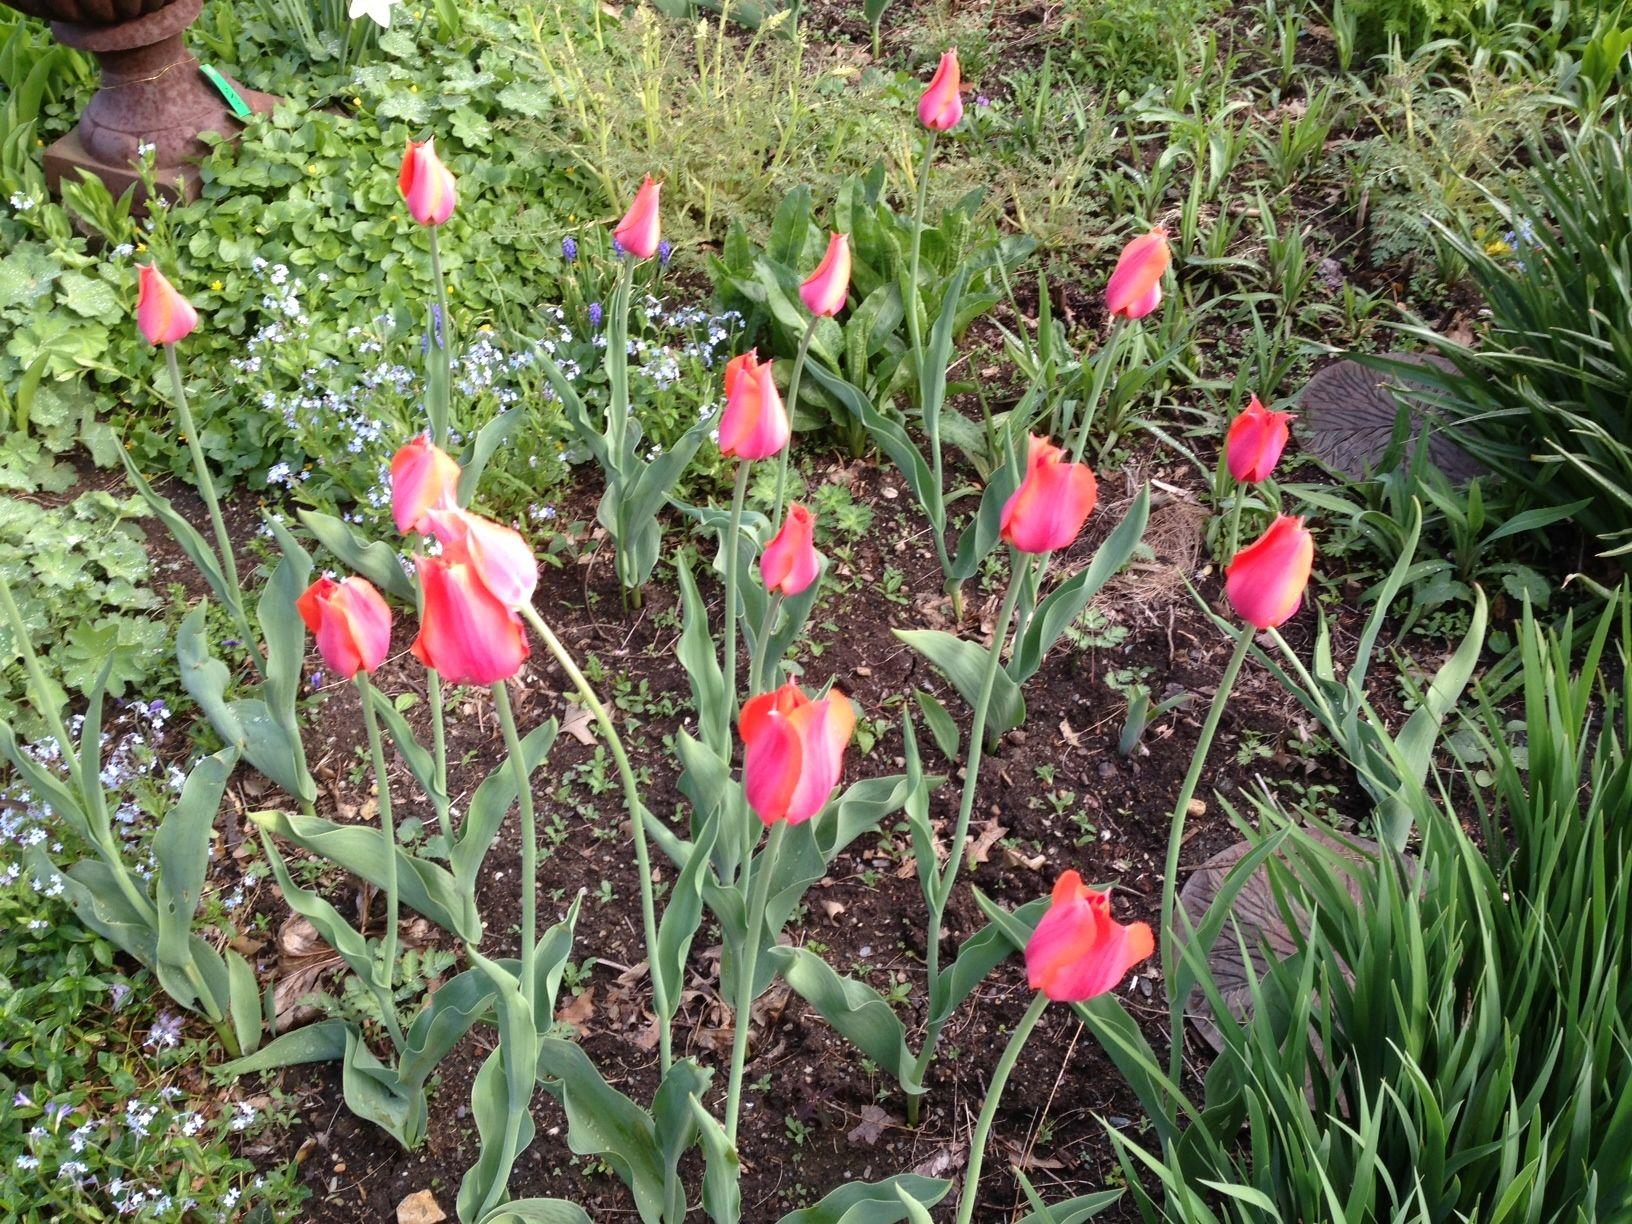 Tulips in the garden at Campo De' Fiori retail store